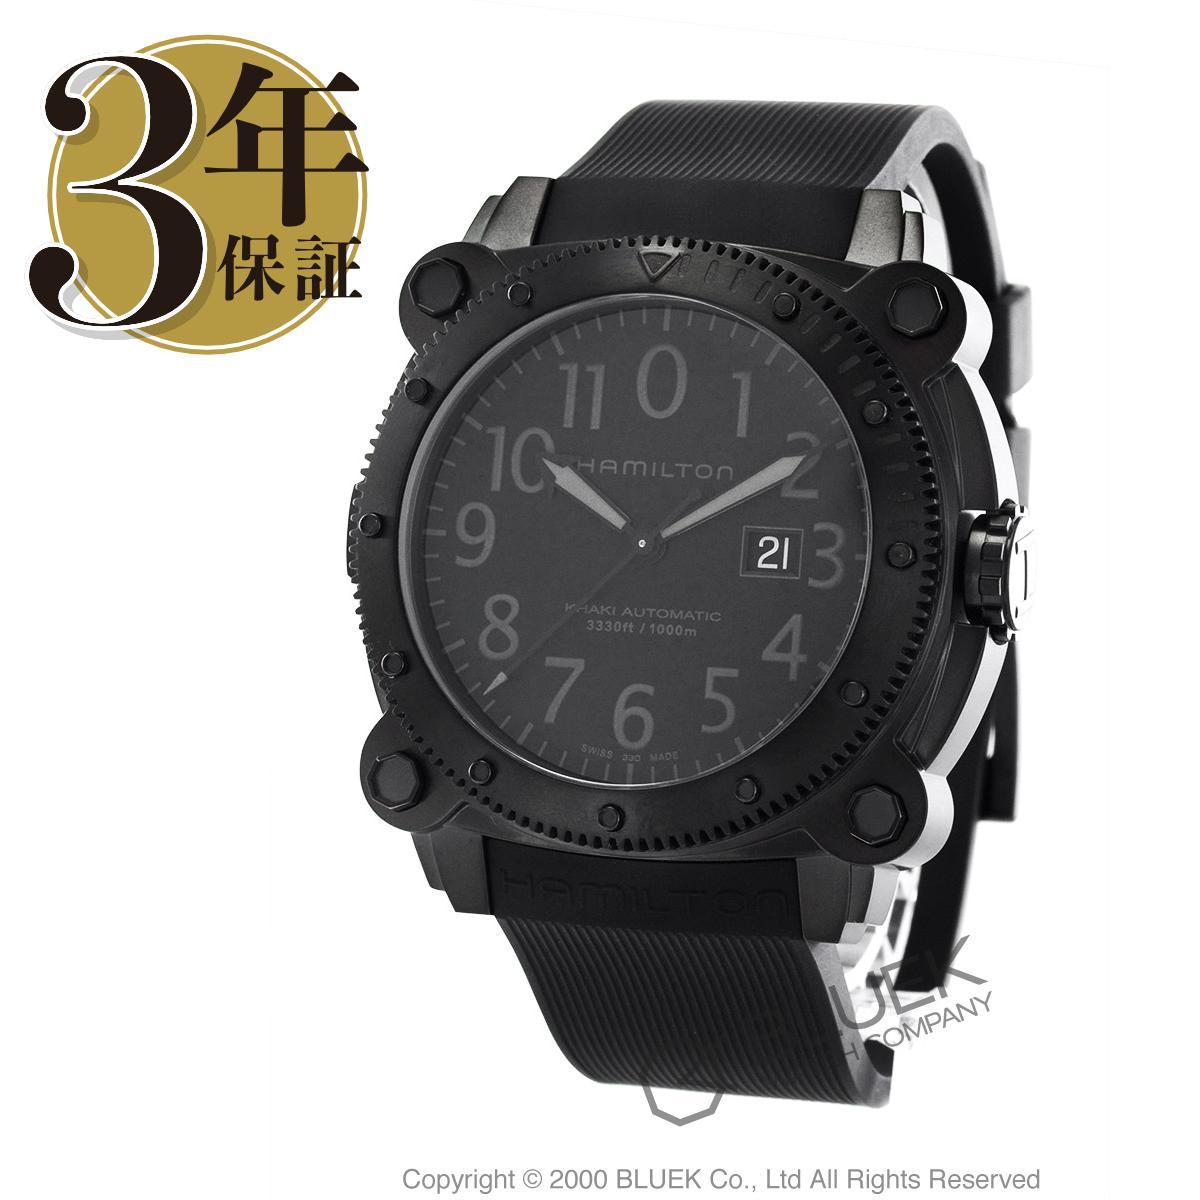 ハミルトン カーキ ネイビー ビロウゼロ 1000m防水 替えベルト付き 腕時計 メンズ HAMILTON H78585333_8